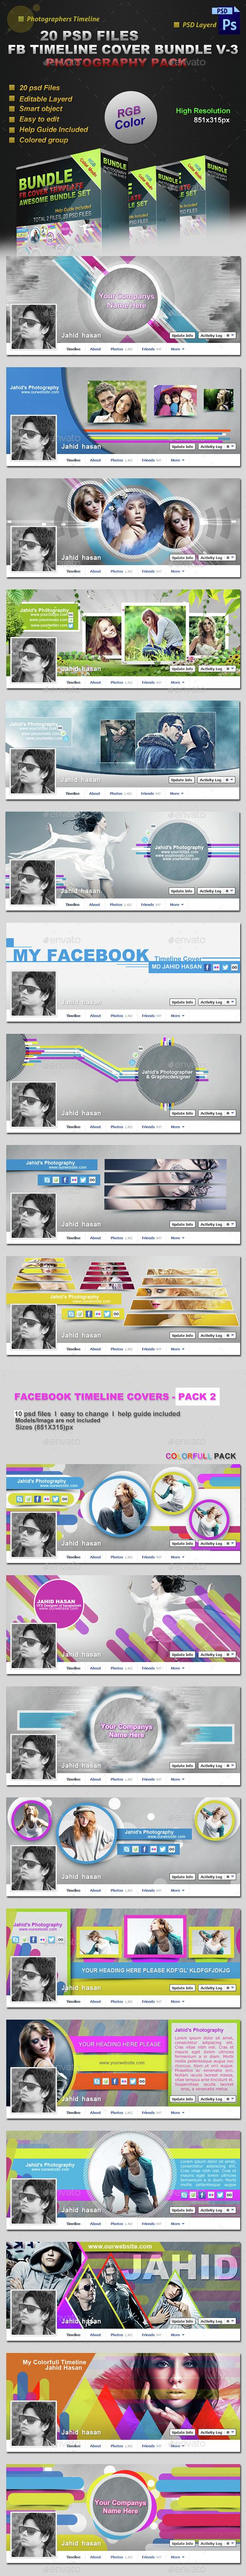 FB Timeline Cover Bundle - Facebook Timeline Covers Social Media